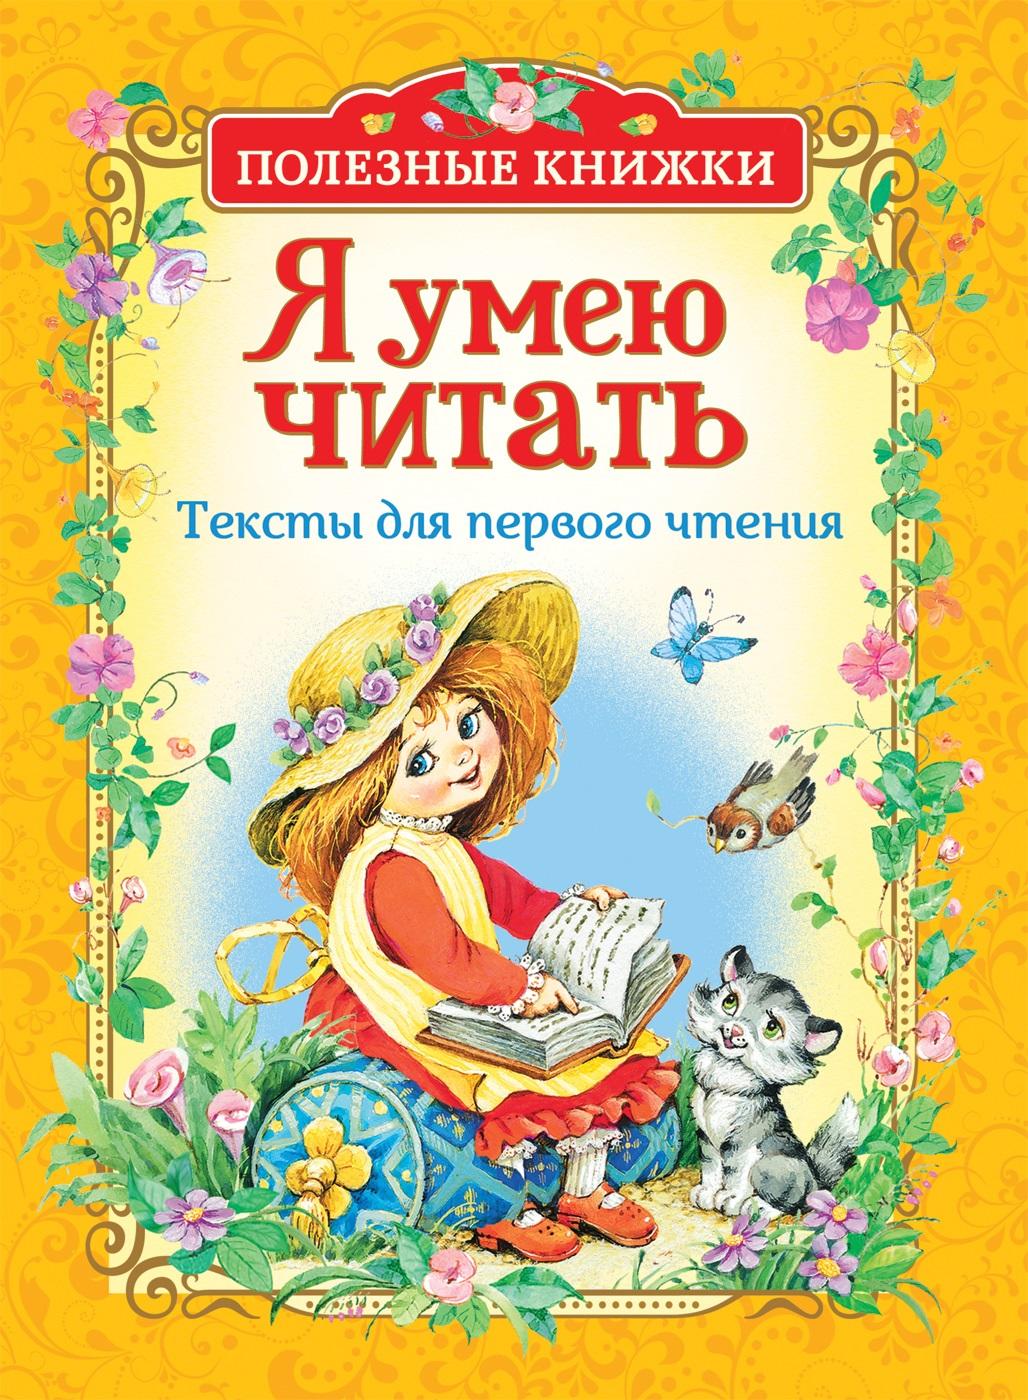 Толстой Л. Н., Осеева В. А. и др. Я умею читать. Тексты для перв.чтен.(Полезные кн.)